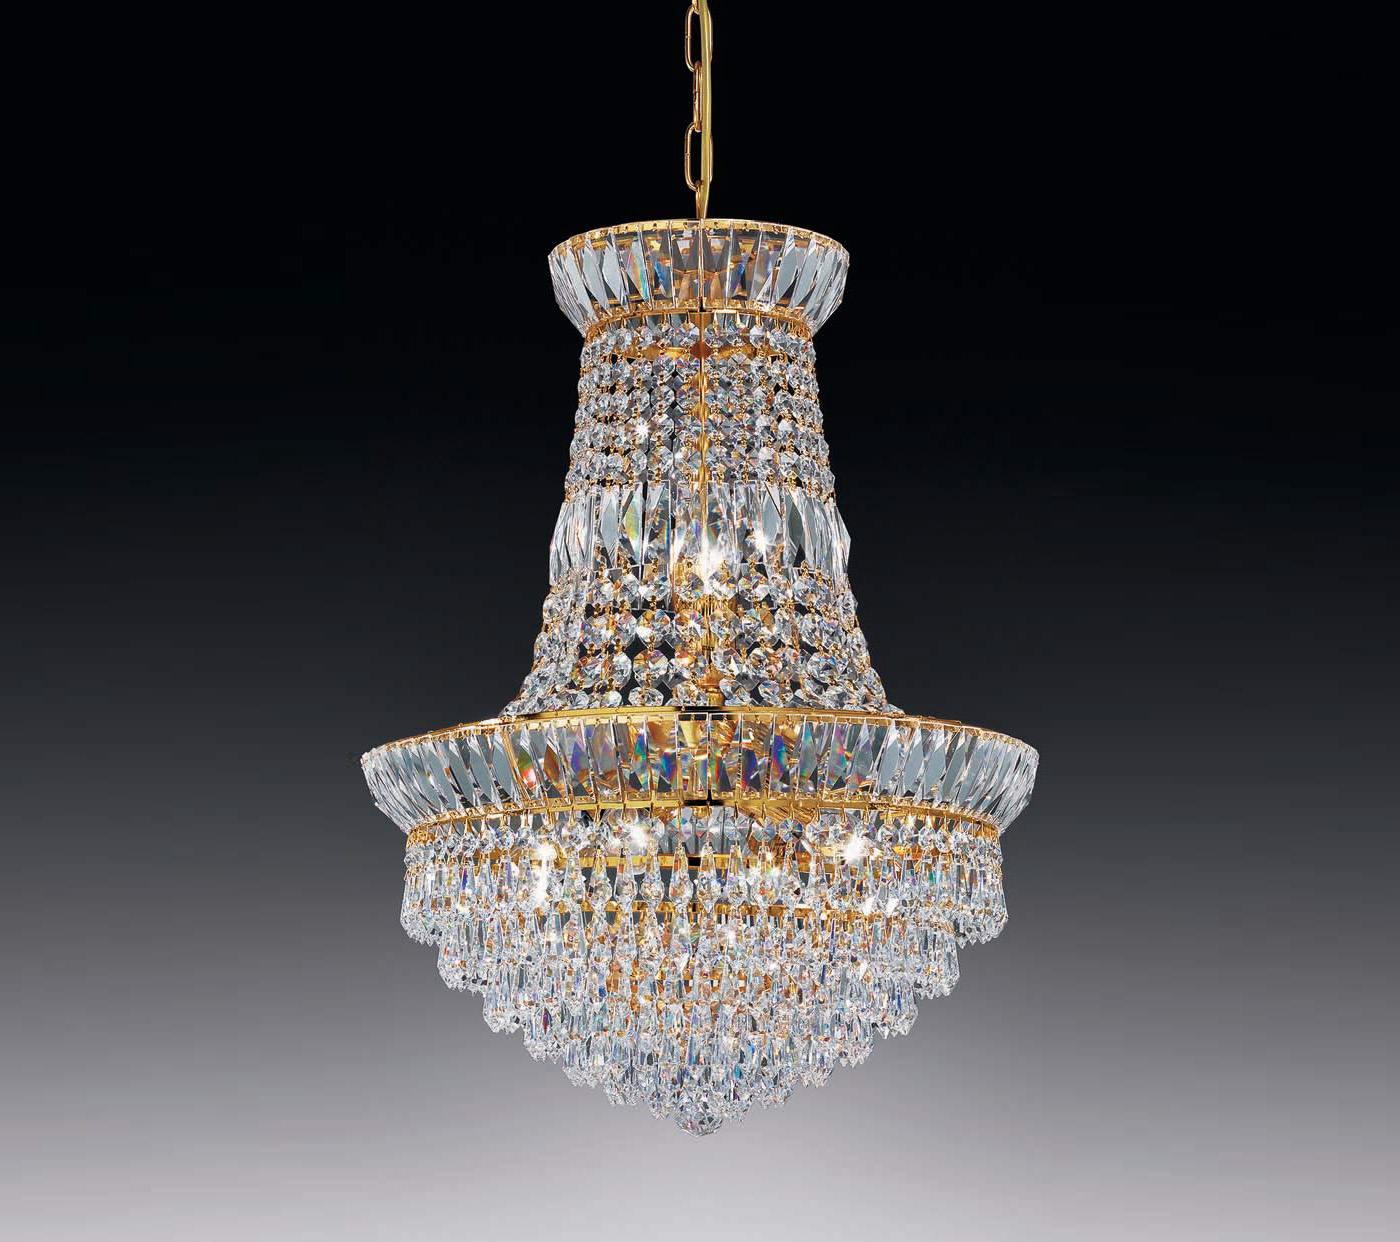 New orleans impero 40 lampadario cristallo di voltolina for Nuovi piani domestici di new orleans